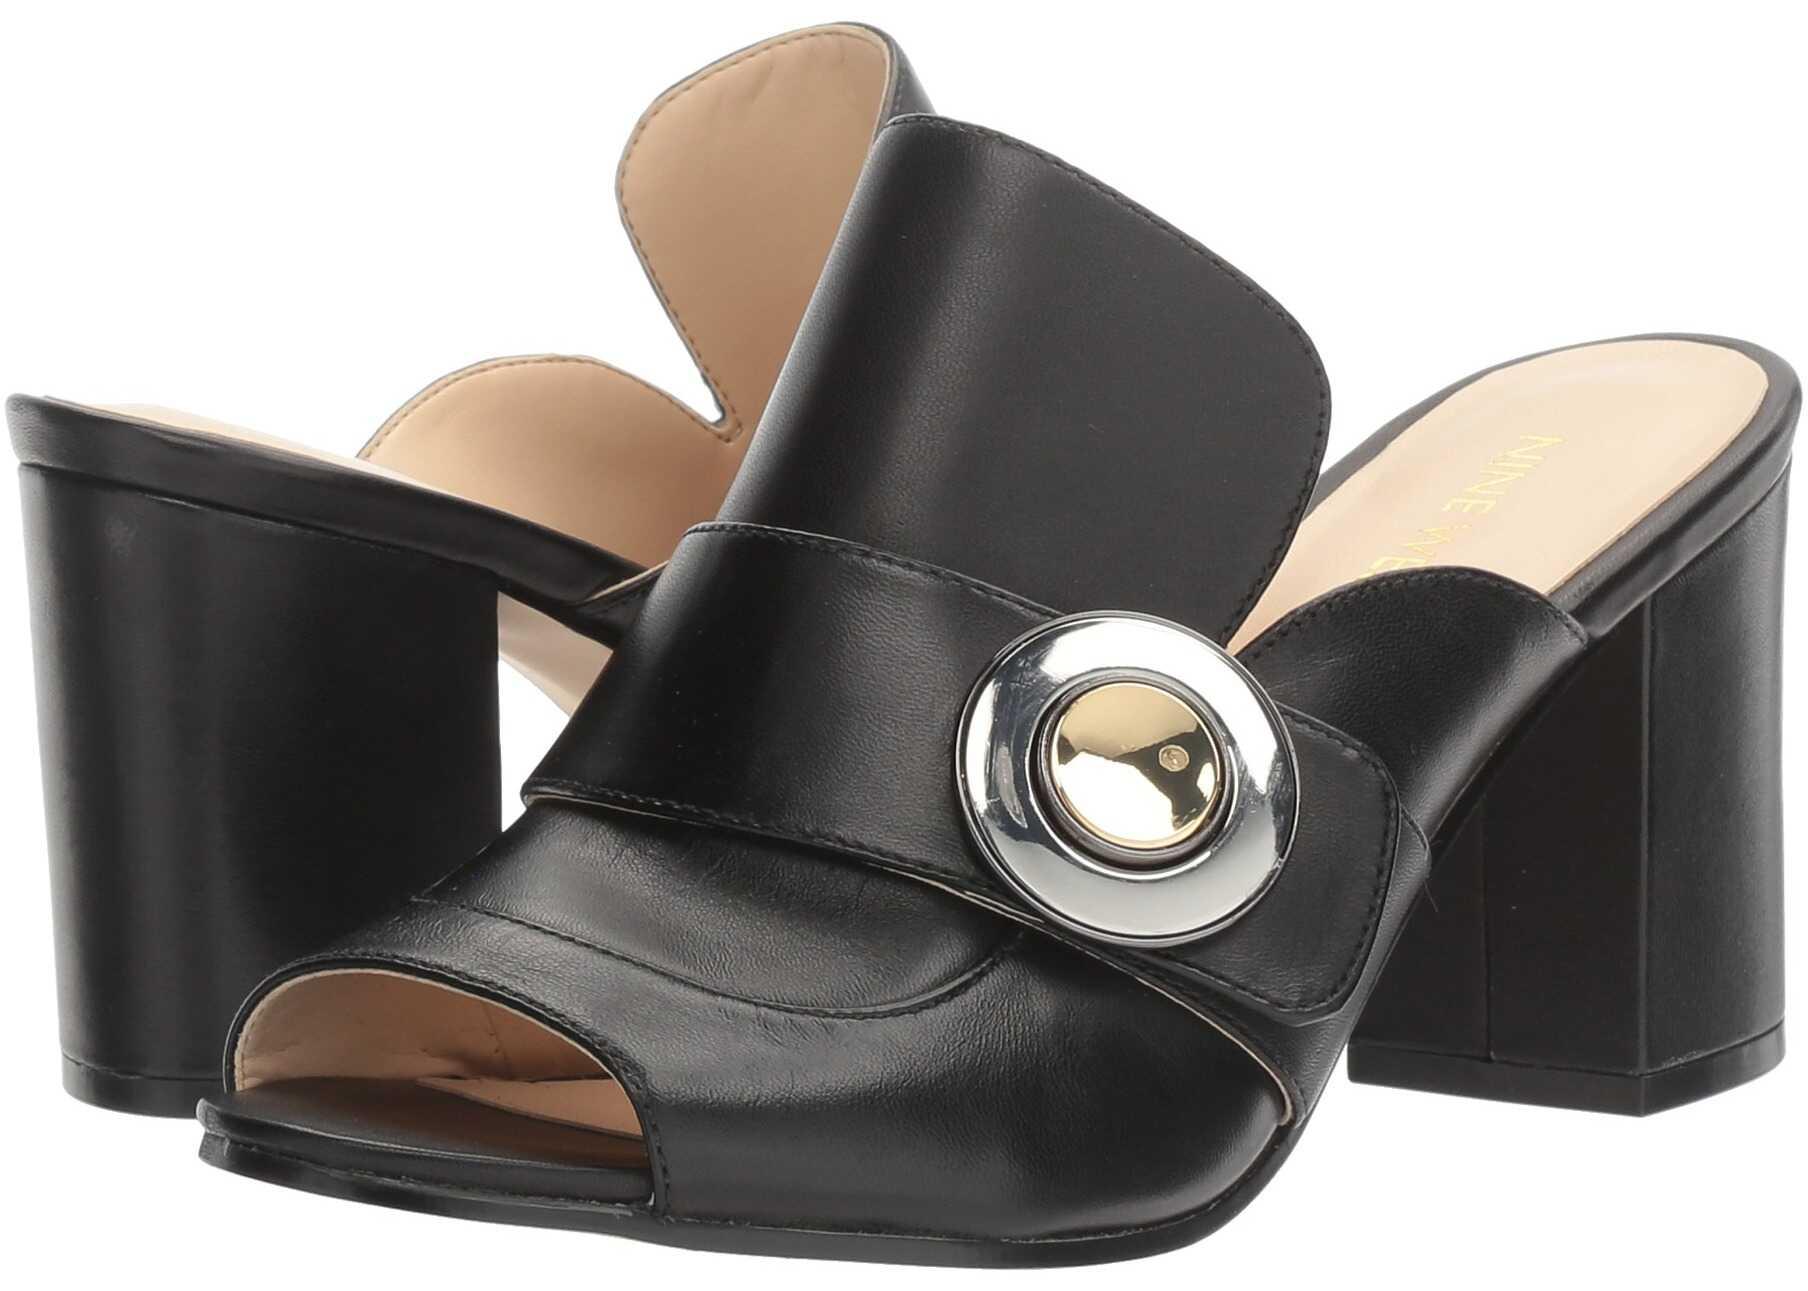 Nine West Glynn Black Leather